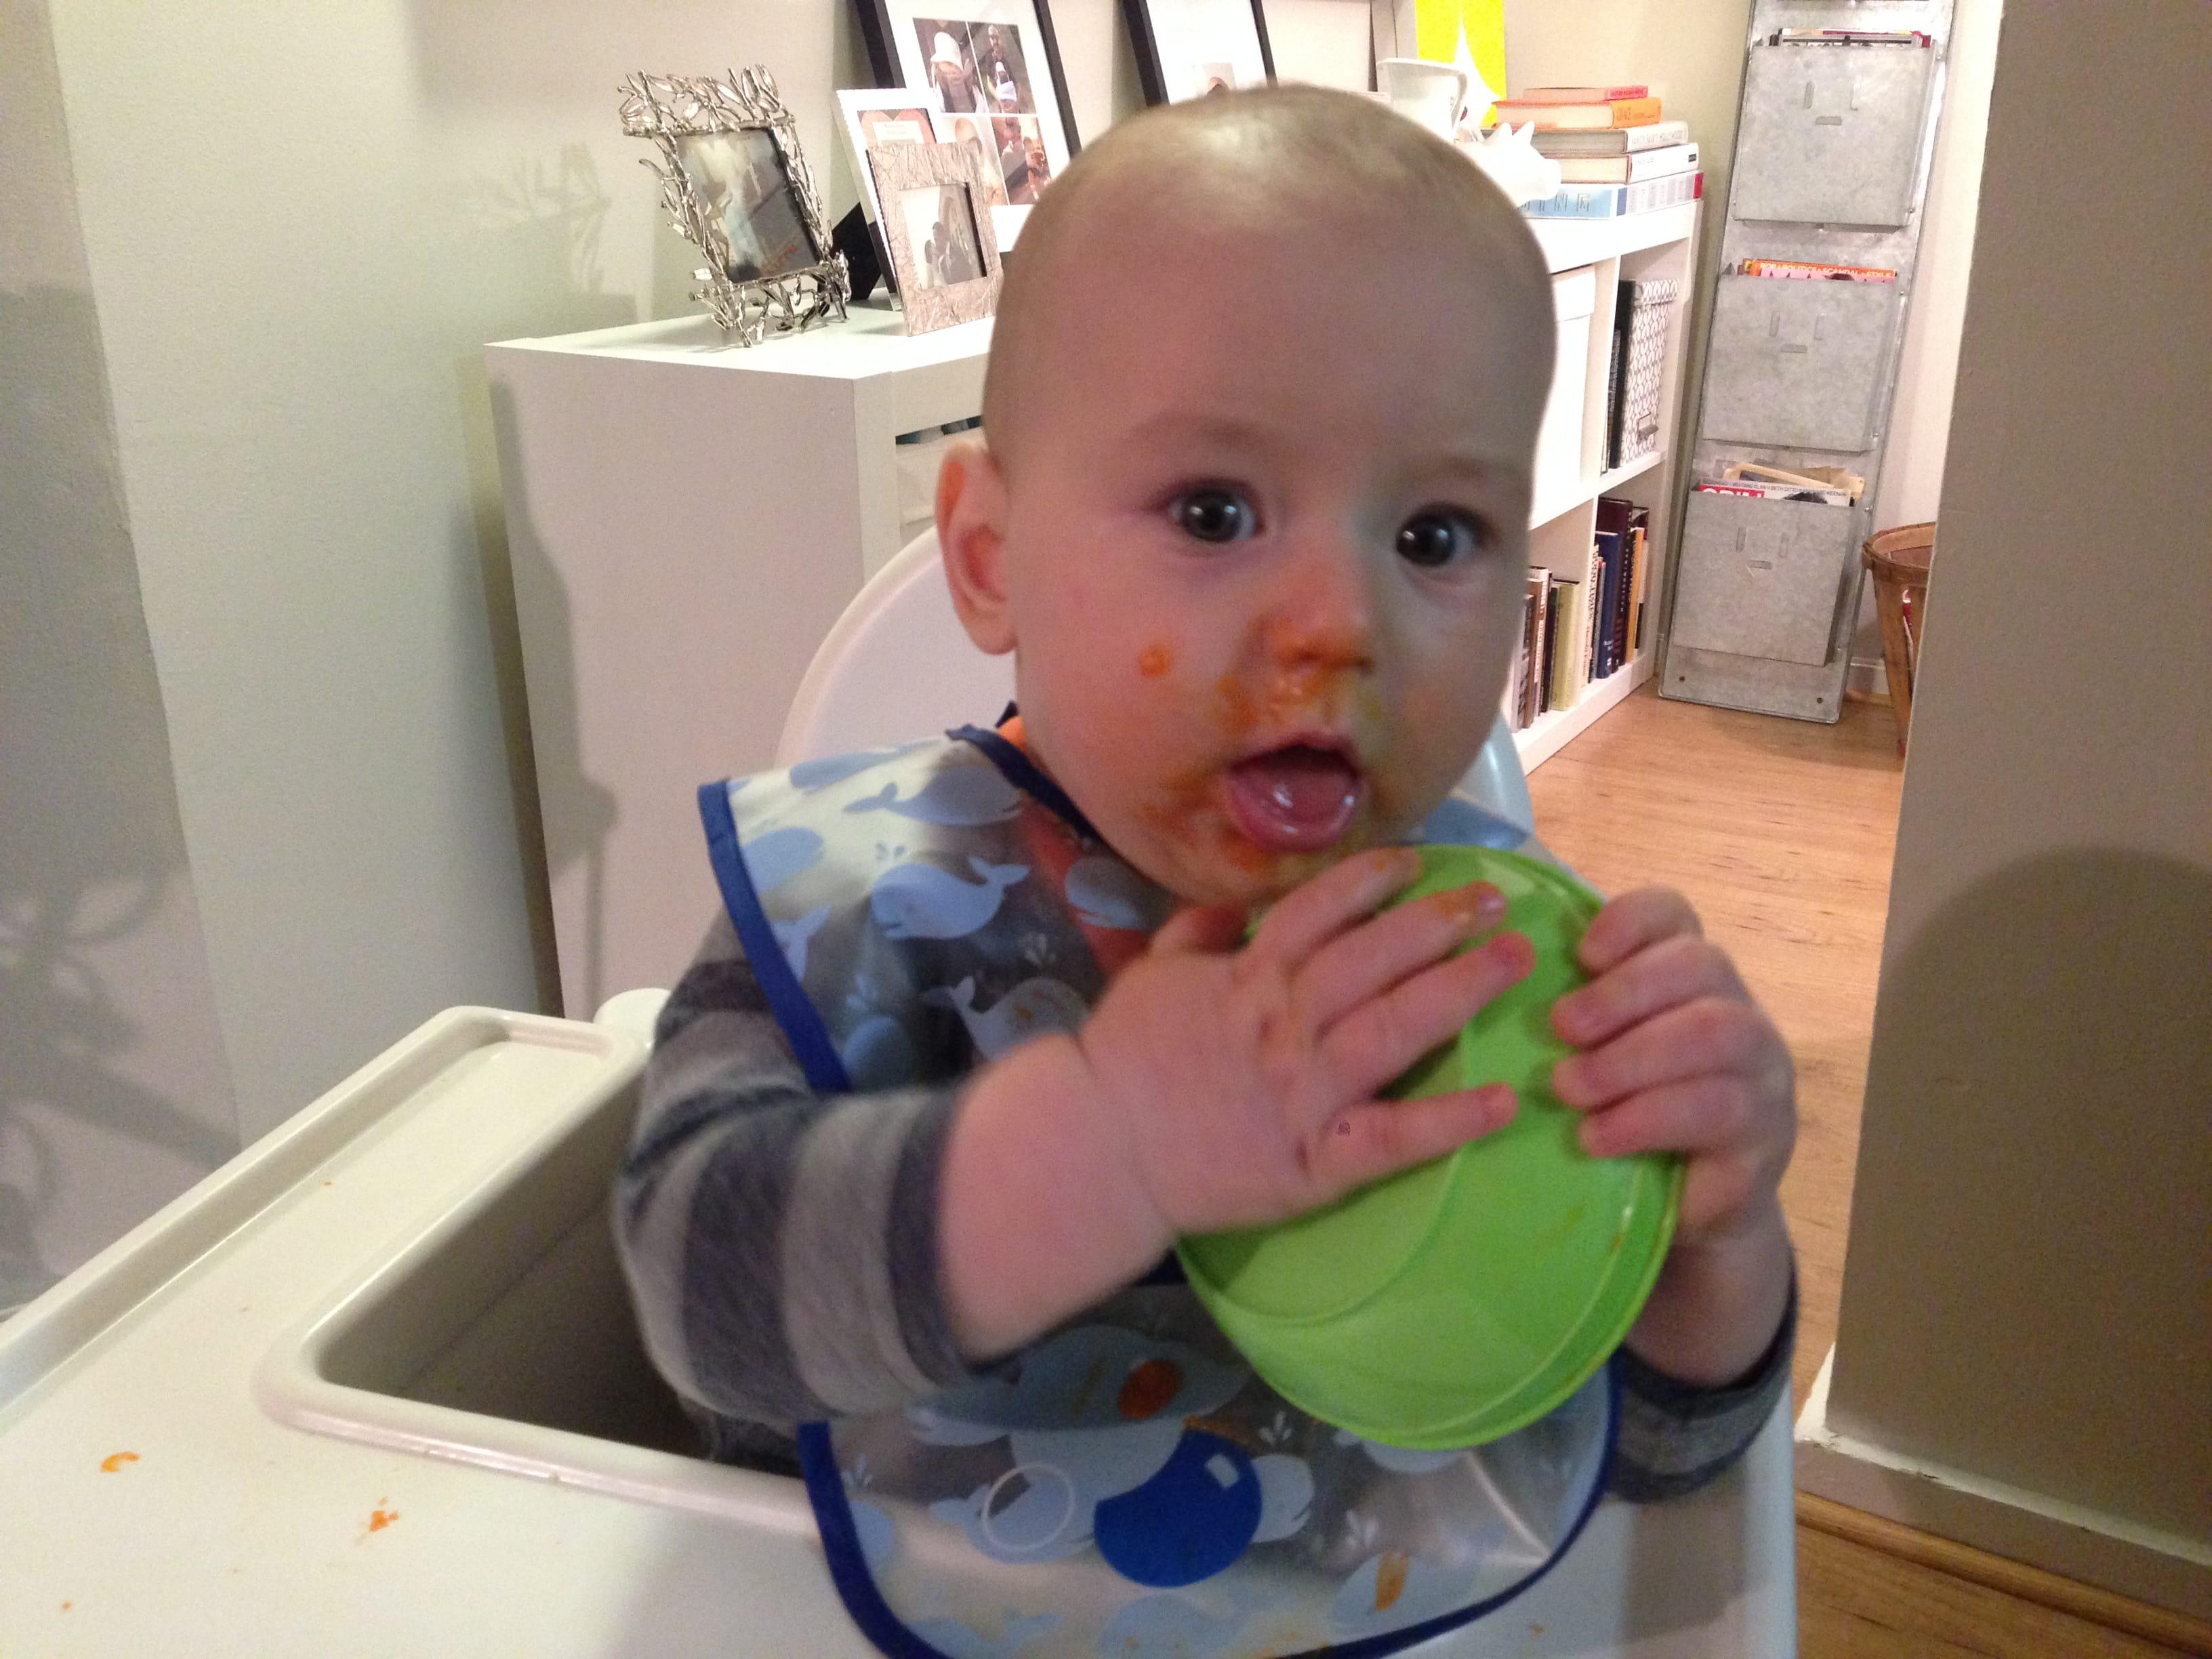 baby eating yam puree